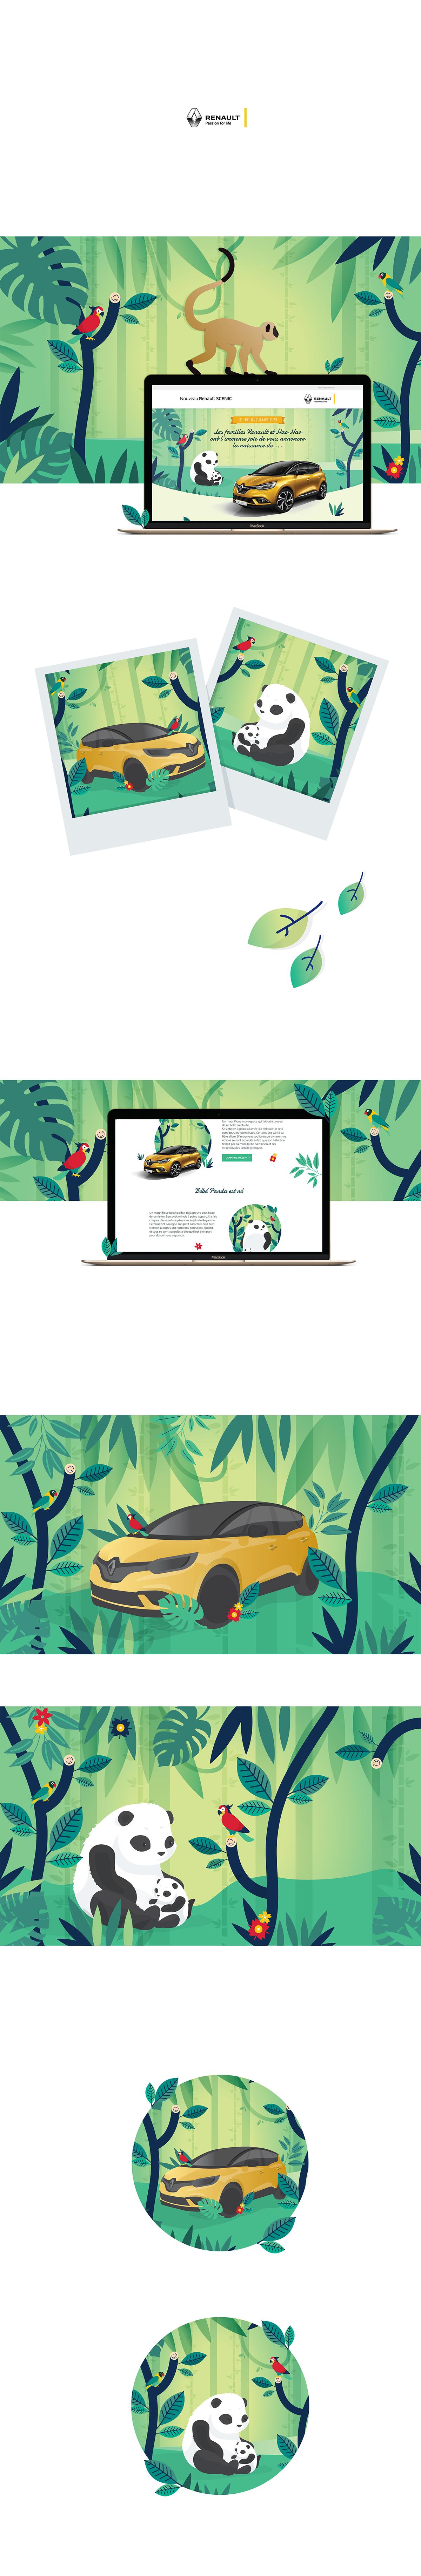 Illustrator,salomé gautier,renault,car,design,Panda ,animals,jungle